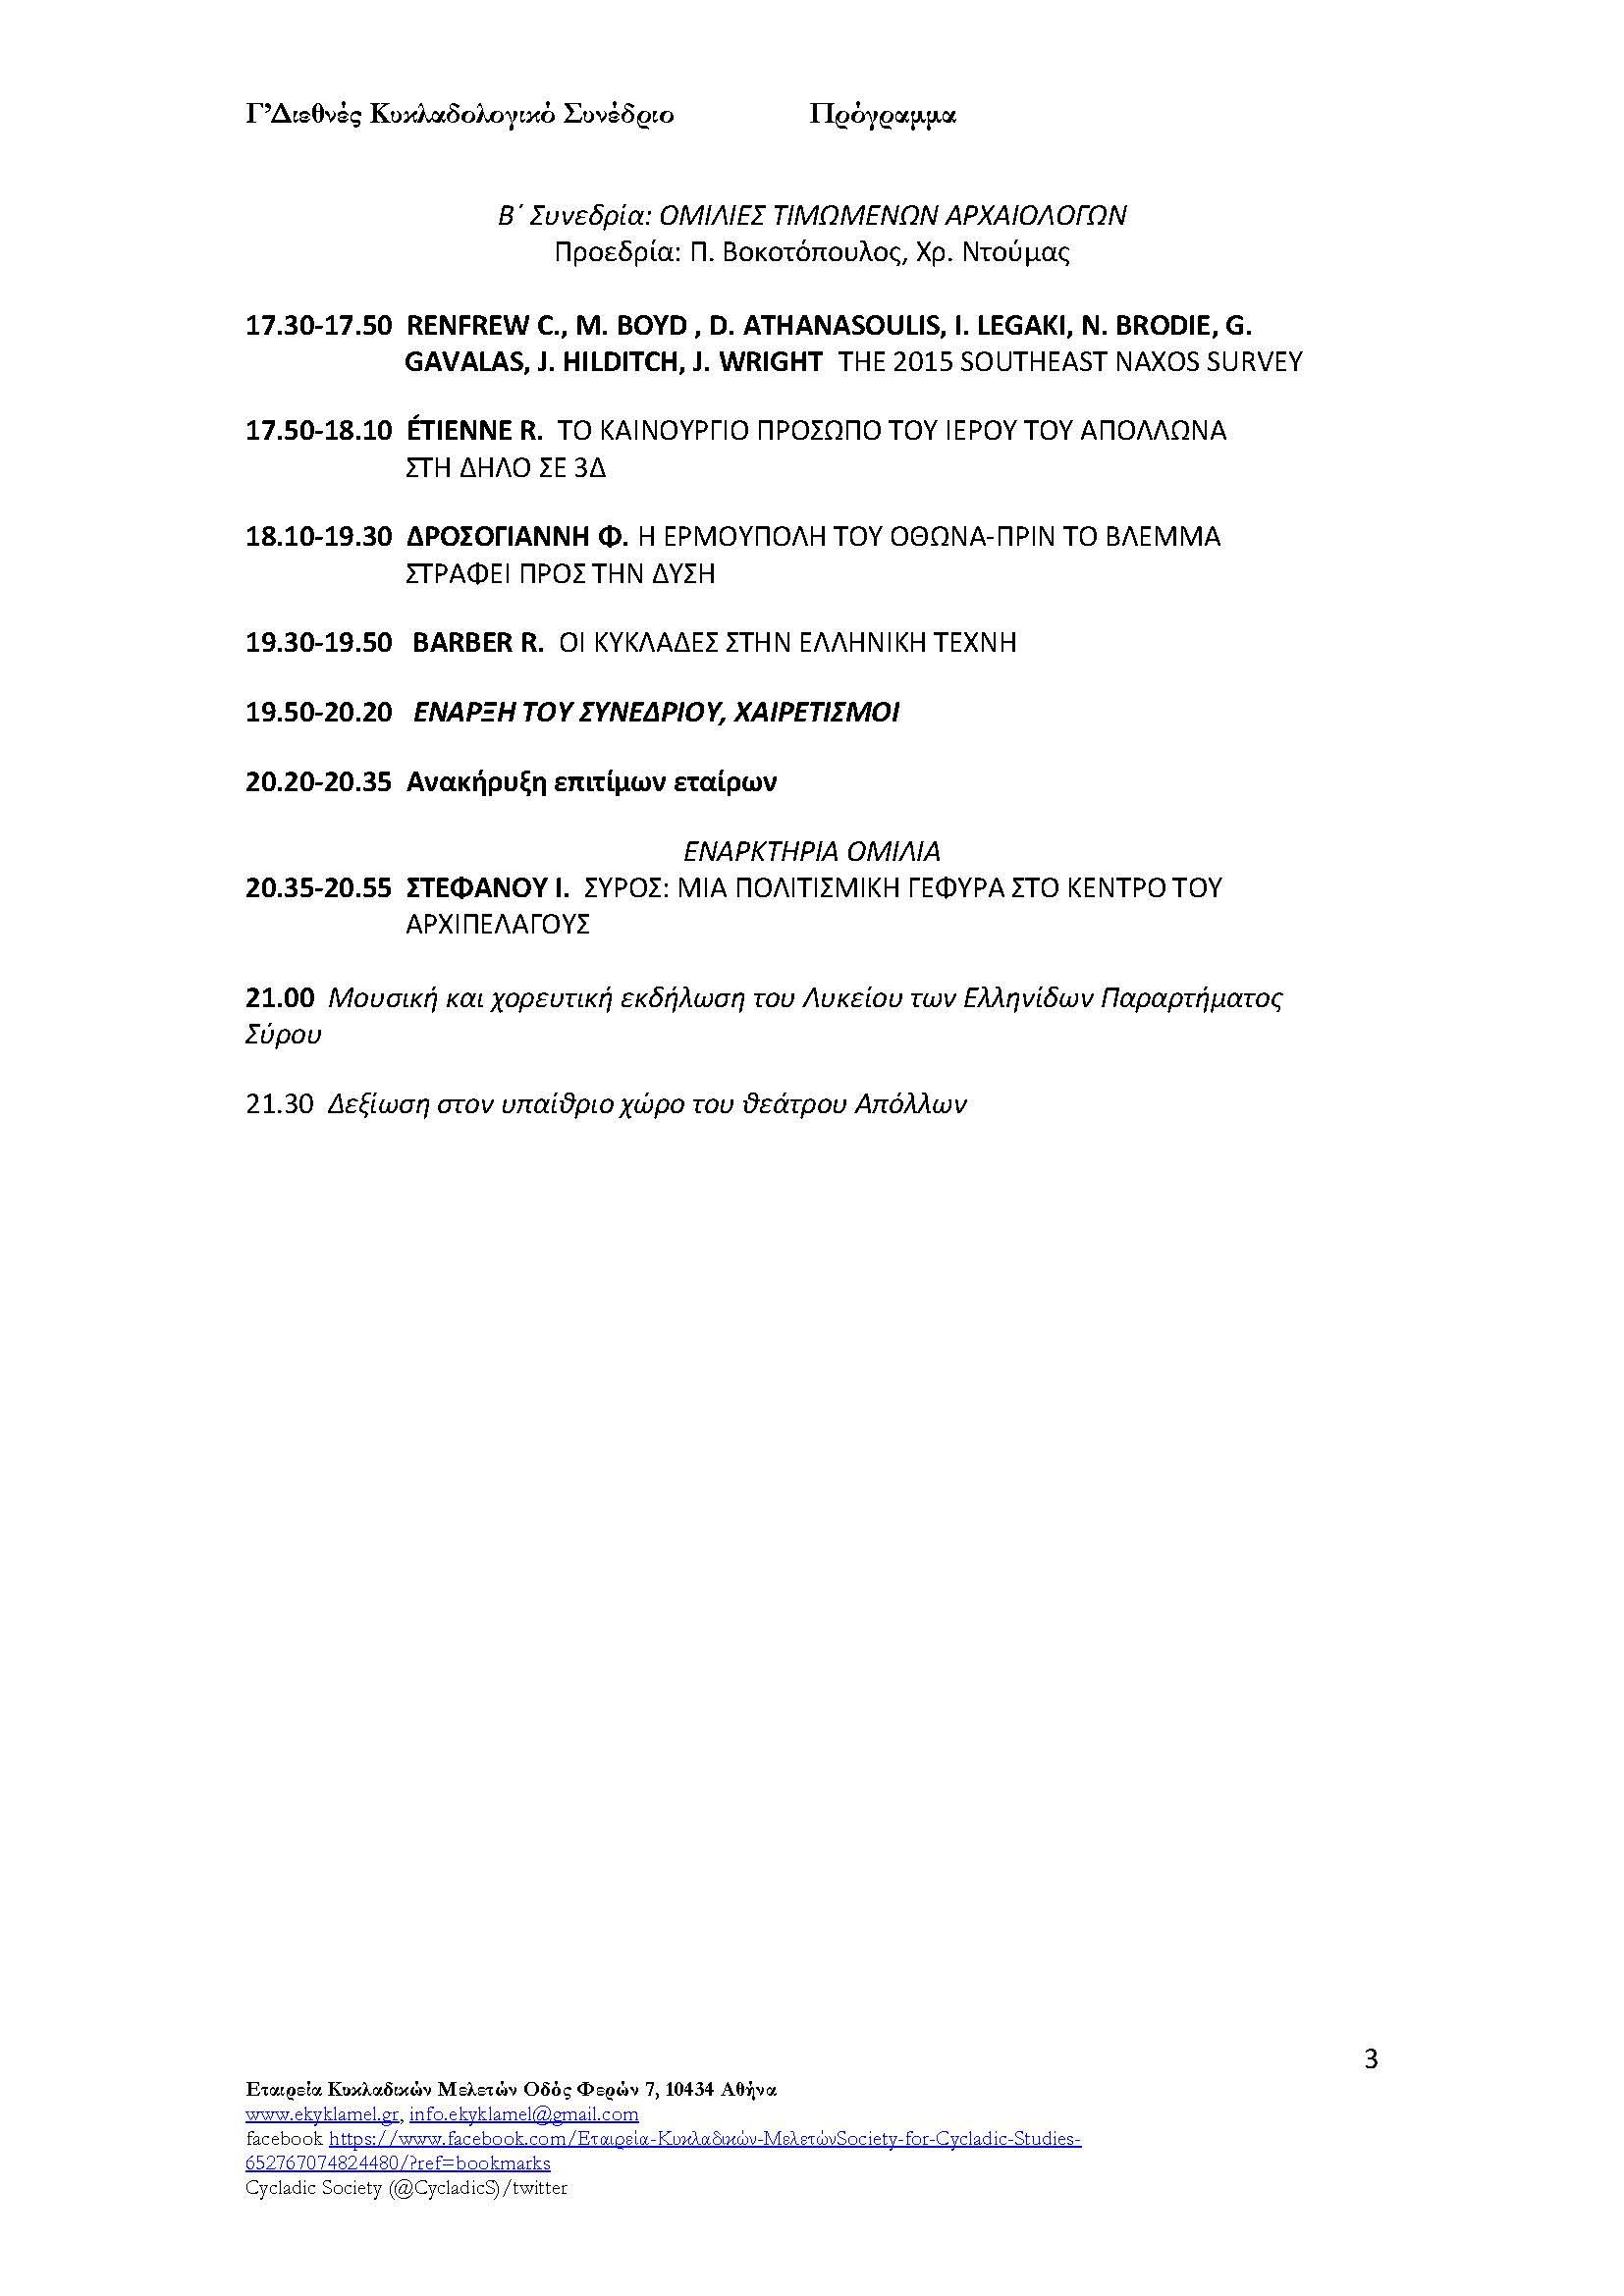 πρόγραμμα Γ' Κυκλαδολογικού Συνεδρίου (1)_Page_03